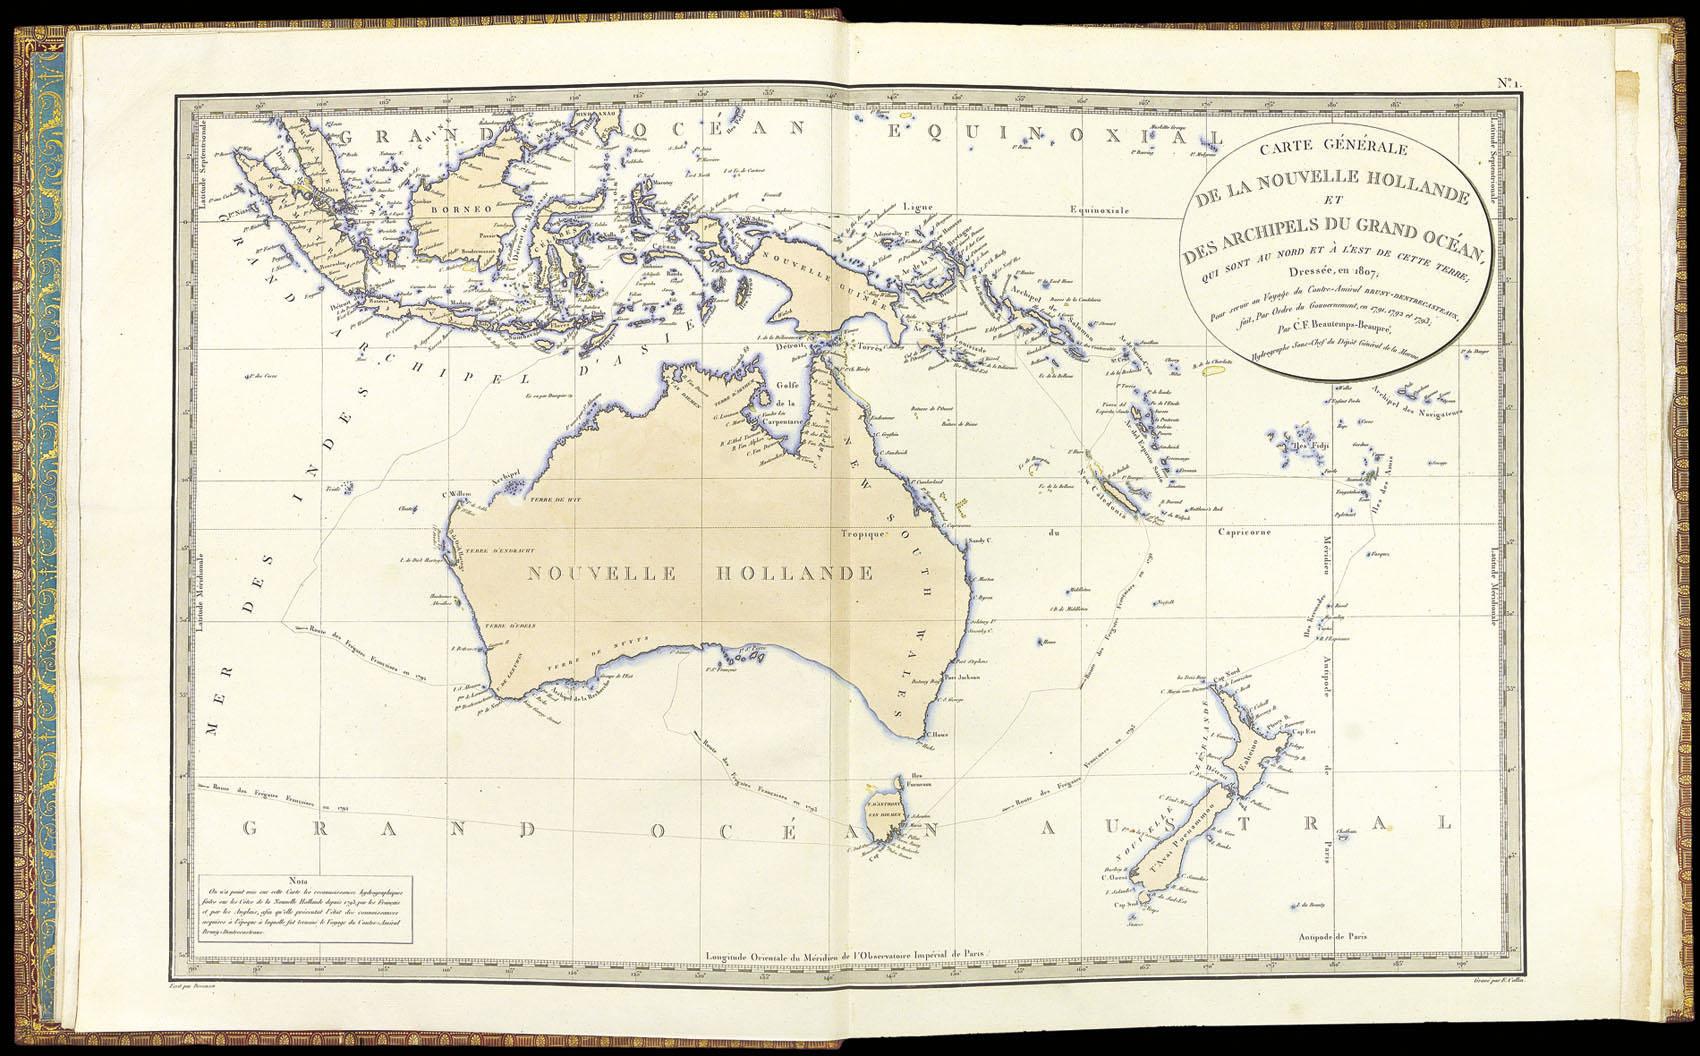 D'Entrecasteaux, au fil de ses pérégrinations fit un tour complet du continent australien.